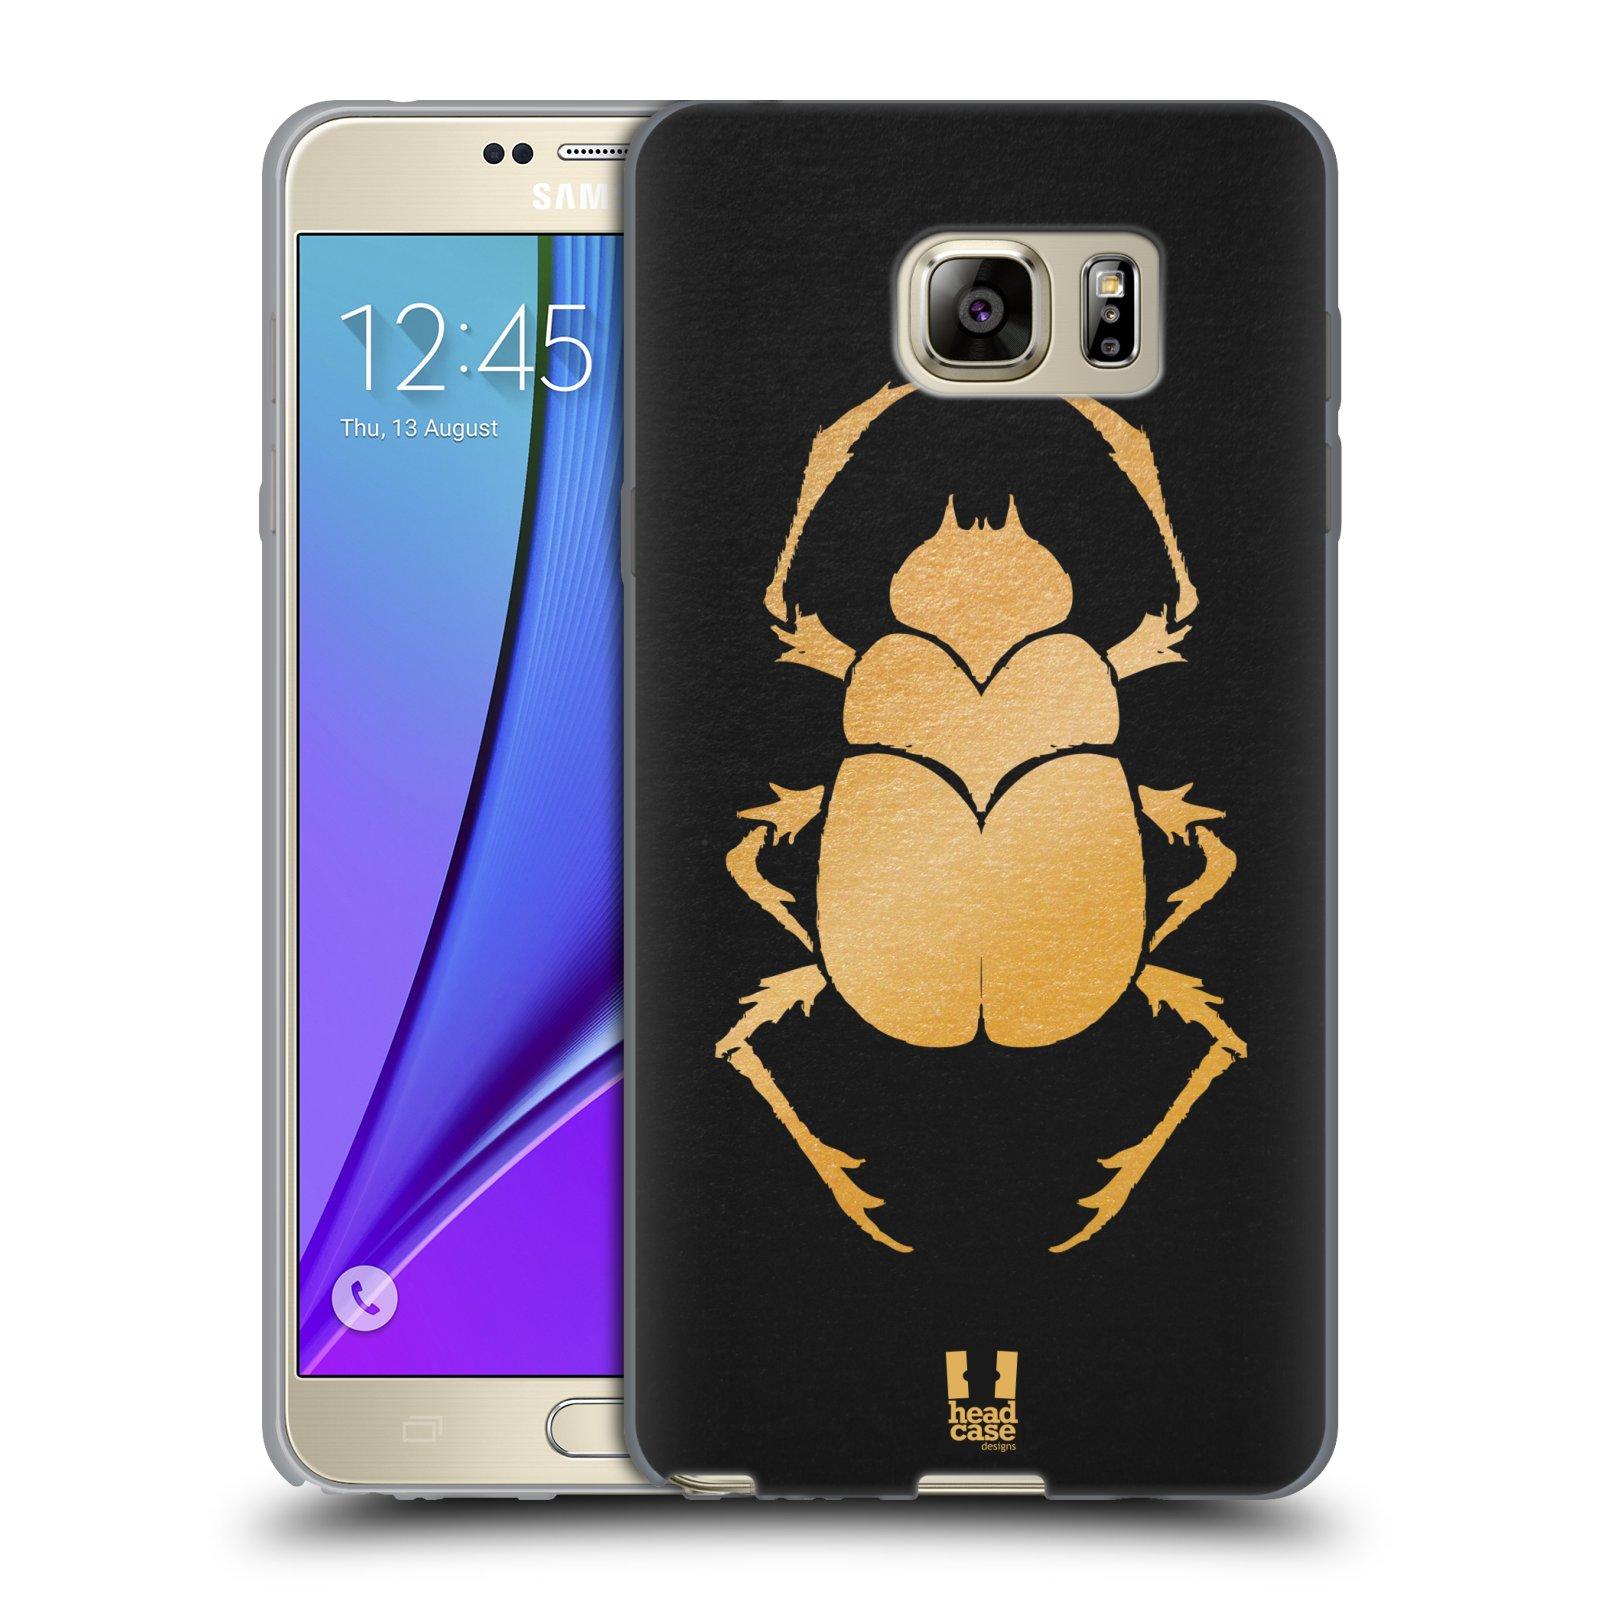 HEAD CASE silikonový obal na mobil Samsung Galaxy Note 5 (N920) vzor EGYPT zlatá a černá BROUK SKARAB